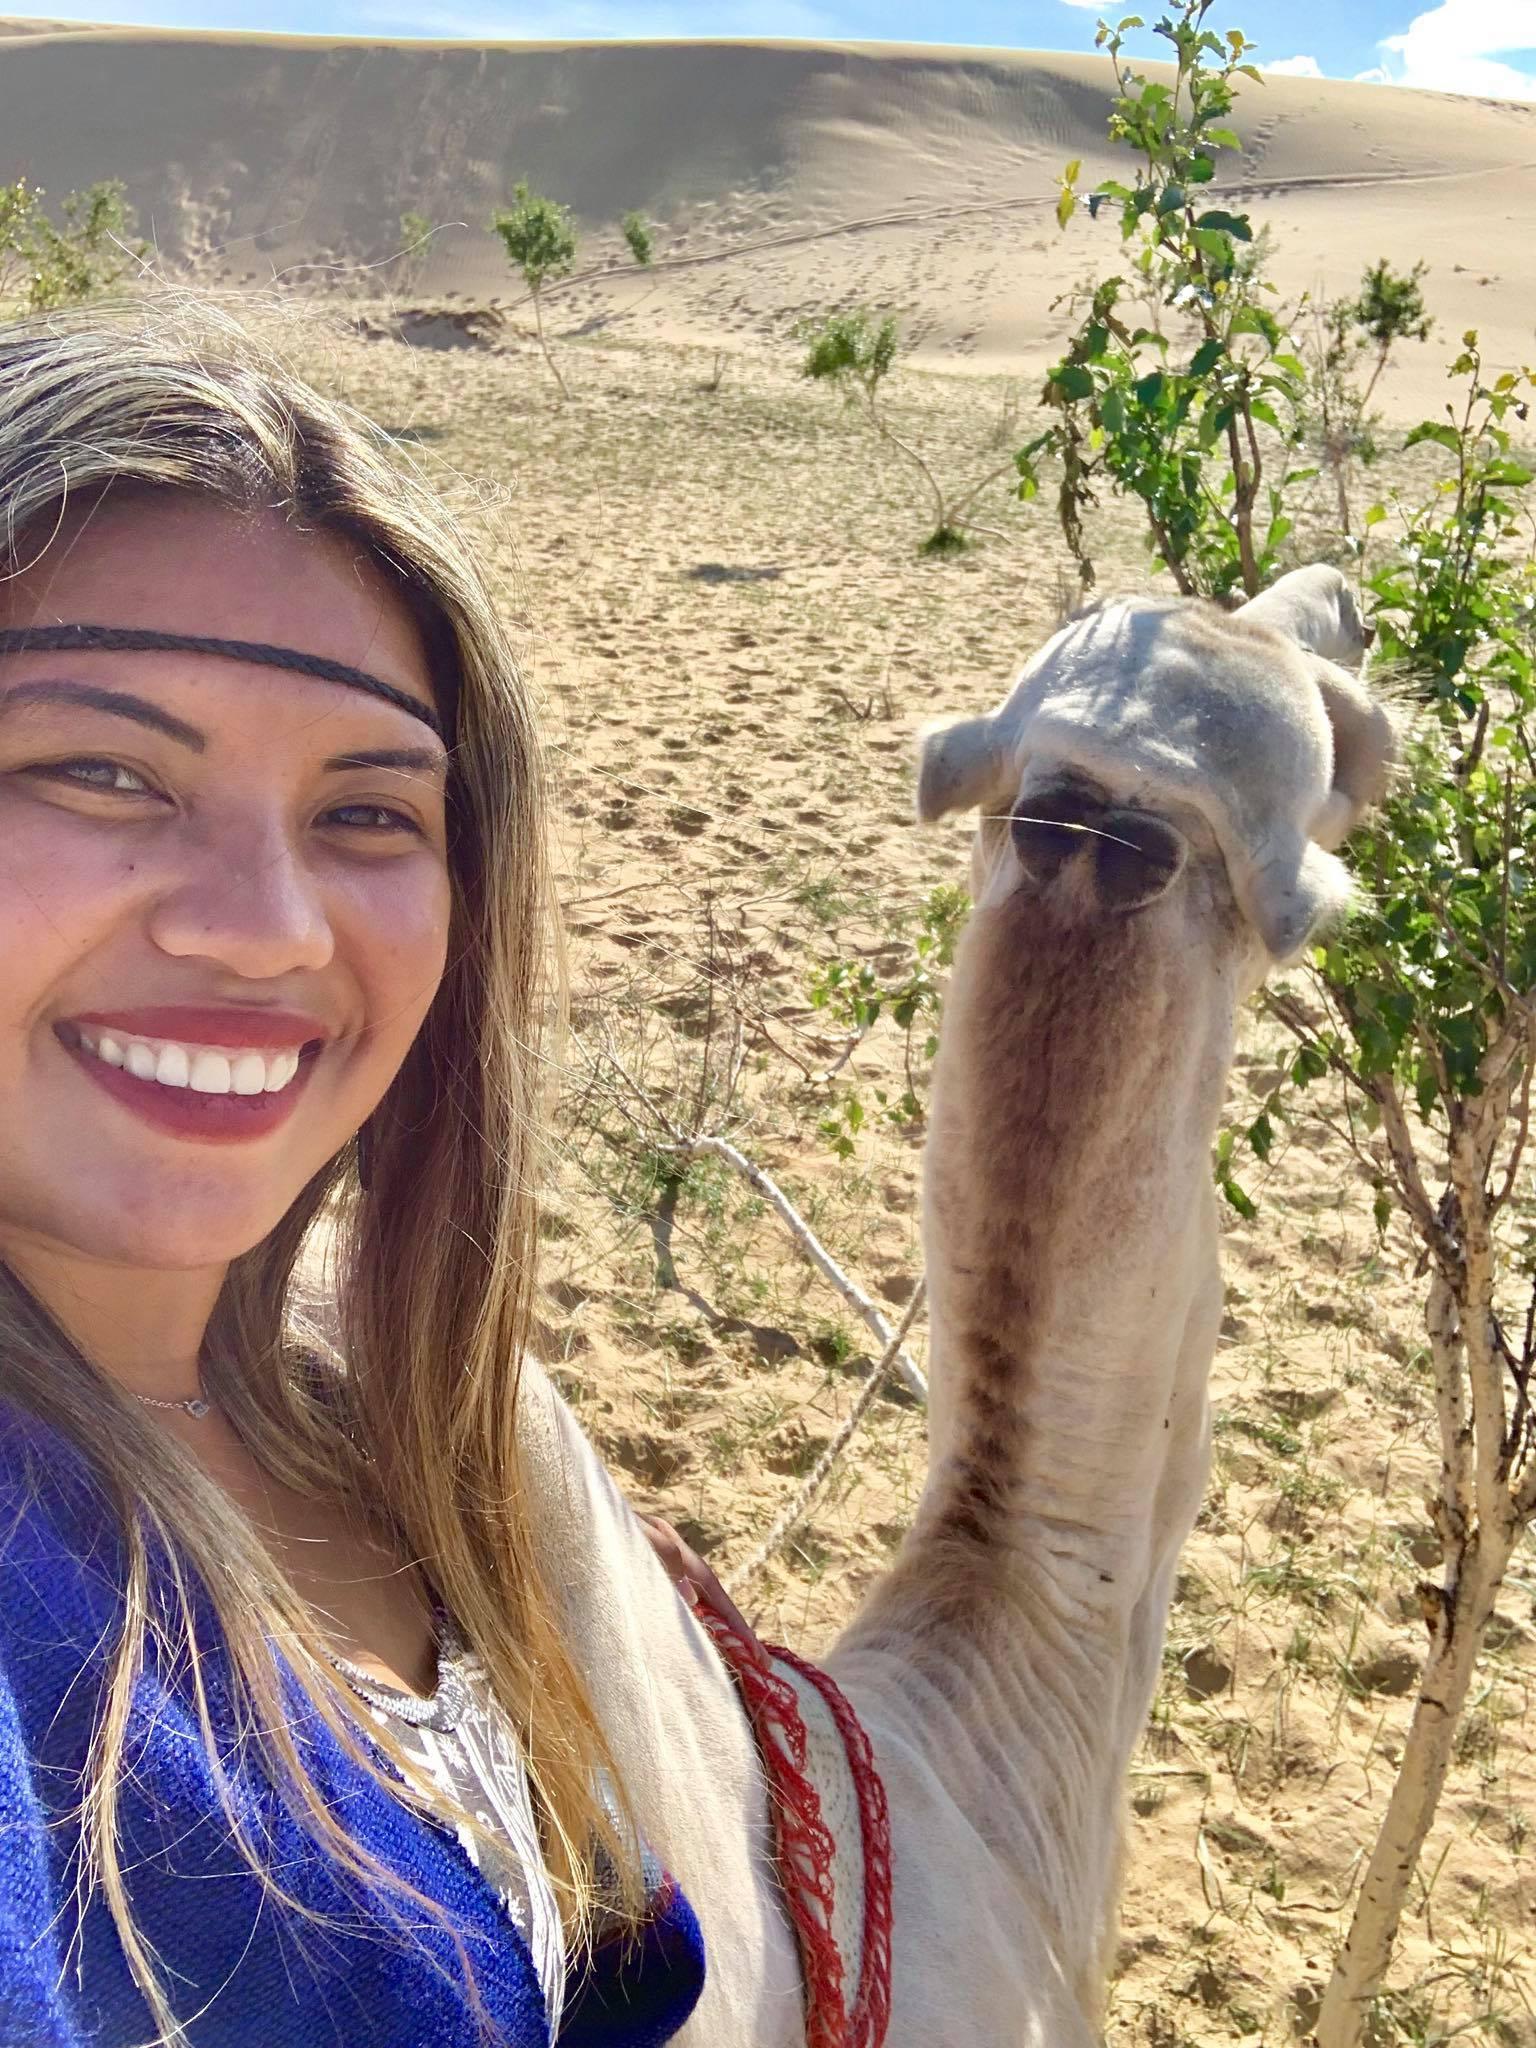 Kach Solo Travels in 2019 Nomadic family in Elsen Tasarkhai12.jpg